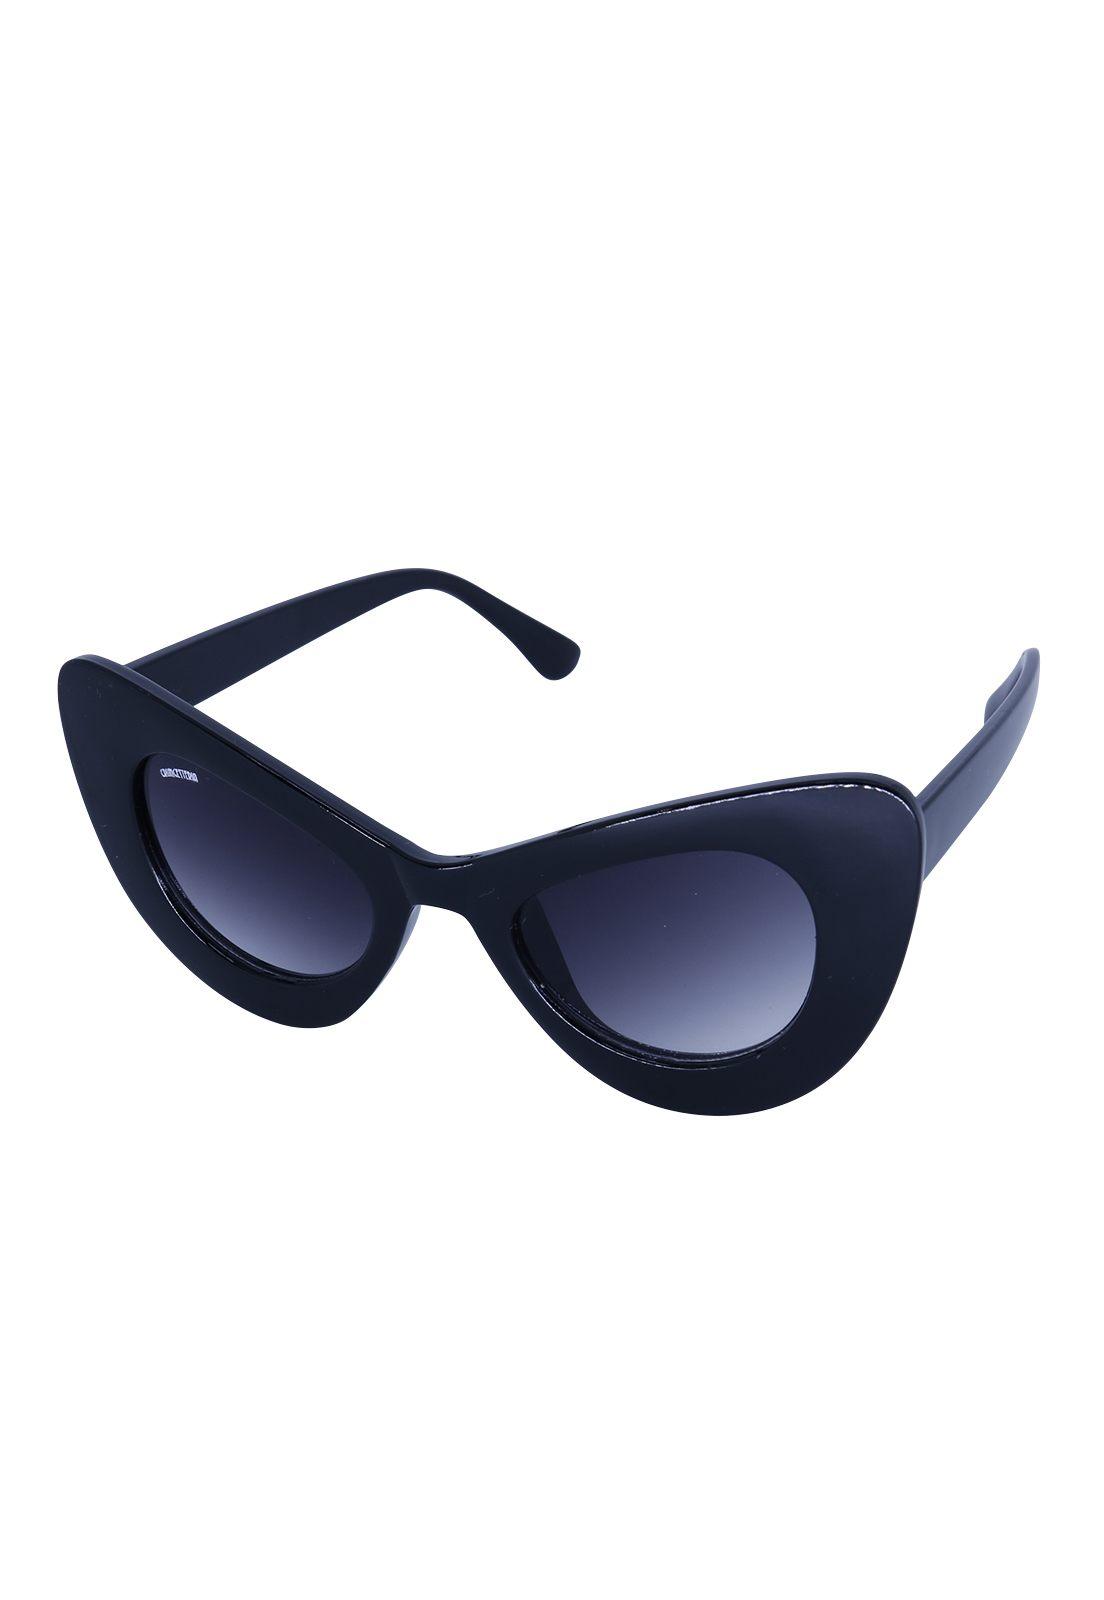 Óculos de Sol Grungetteria Lola Preto